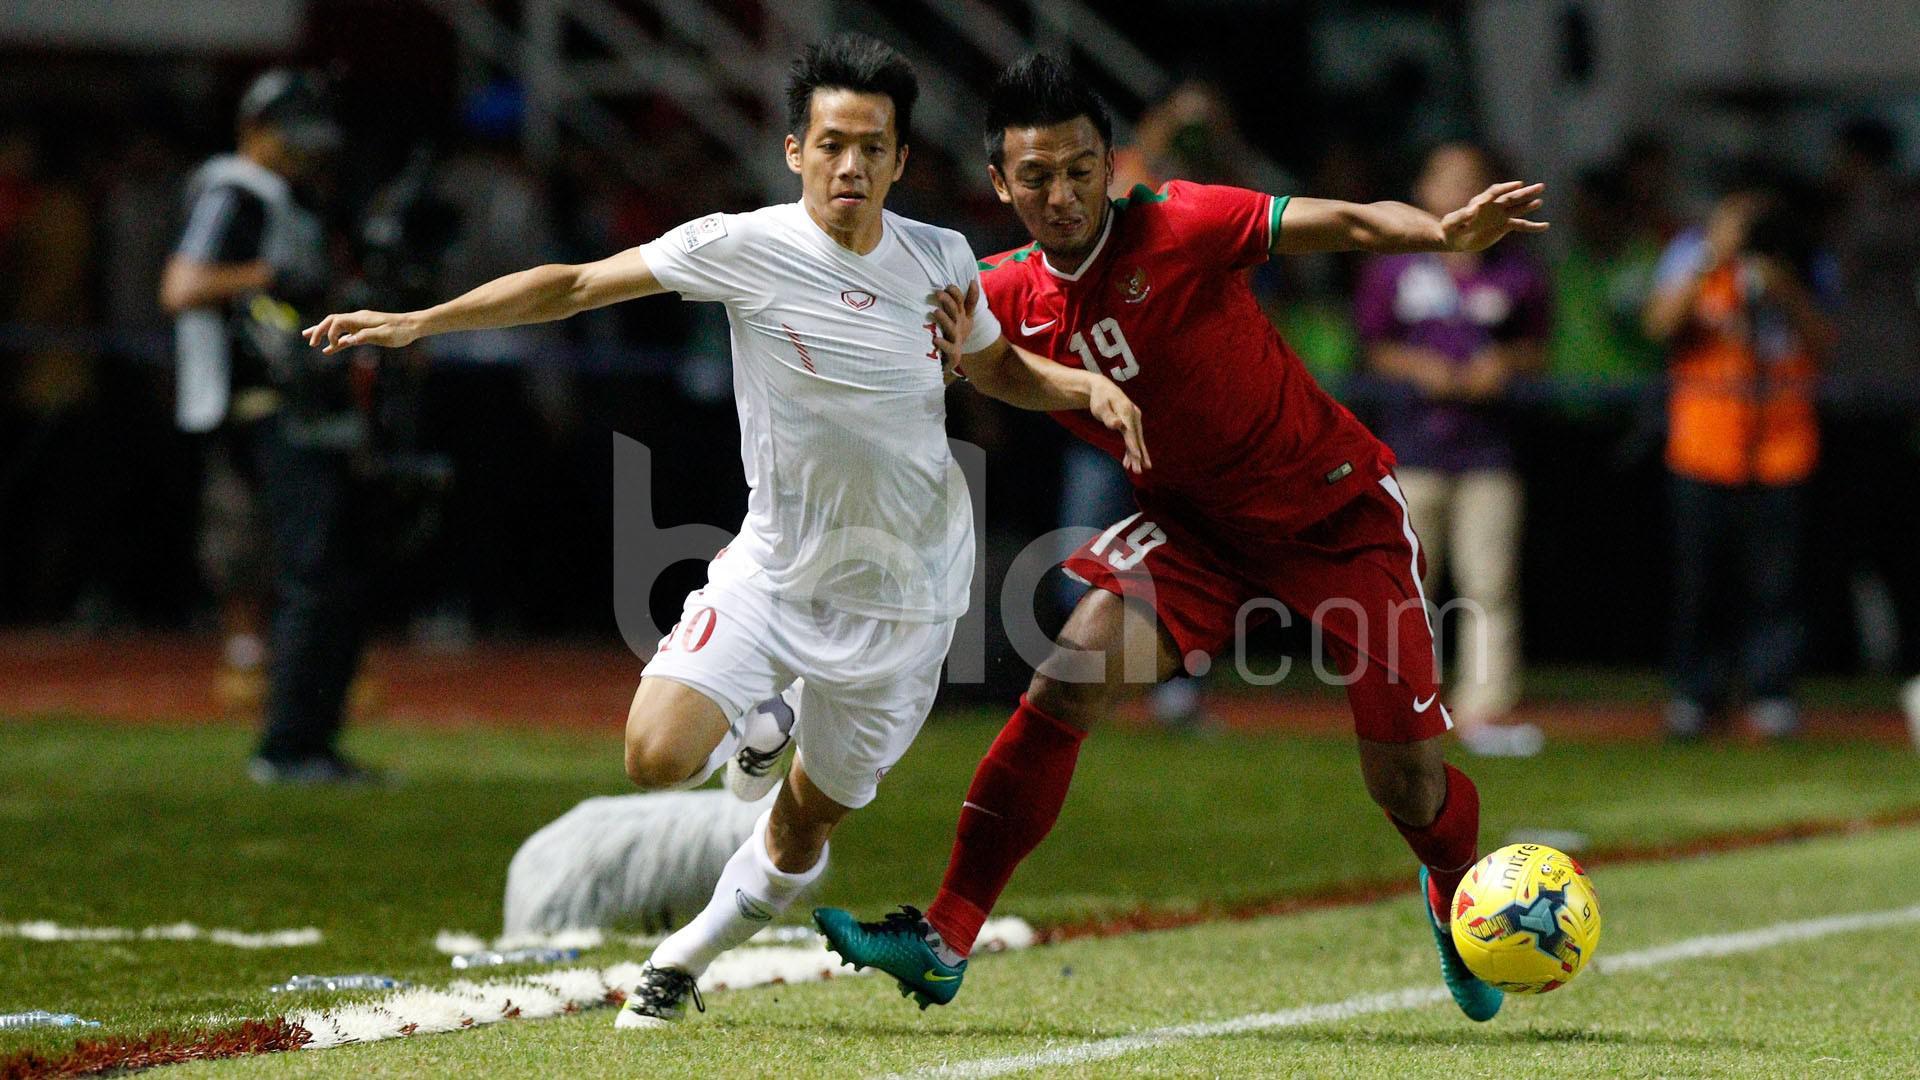 Pemain Indonesia, Bayu Pradana, berebut bola dengan pemain Vietnam, Nguyen Van Quyet (kiri), dalam laga leg pertama semifinal Piala AFF 2016 di Stadion Pakansari, Bogor, Sabtu (3/12/2016). (Bola.com/Peksi Cahyo)